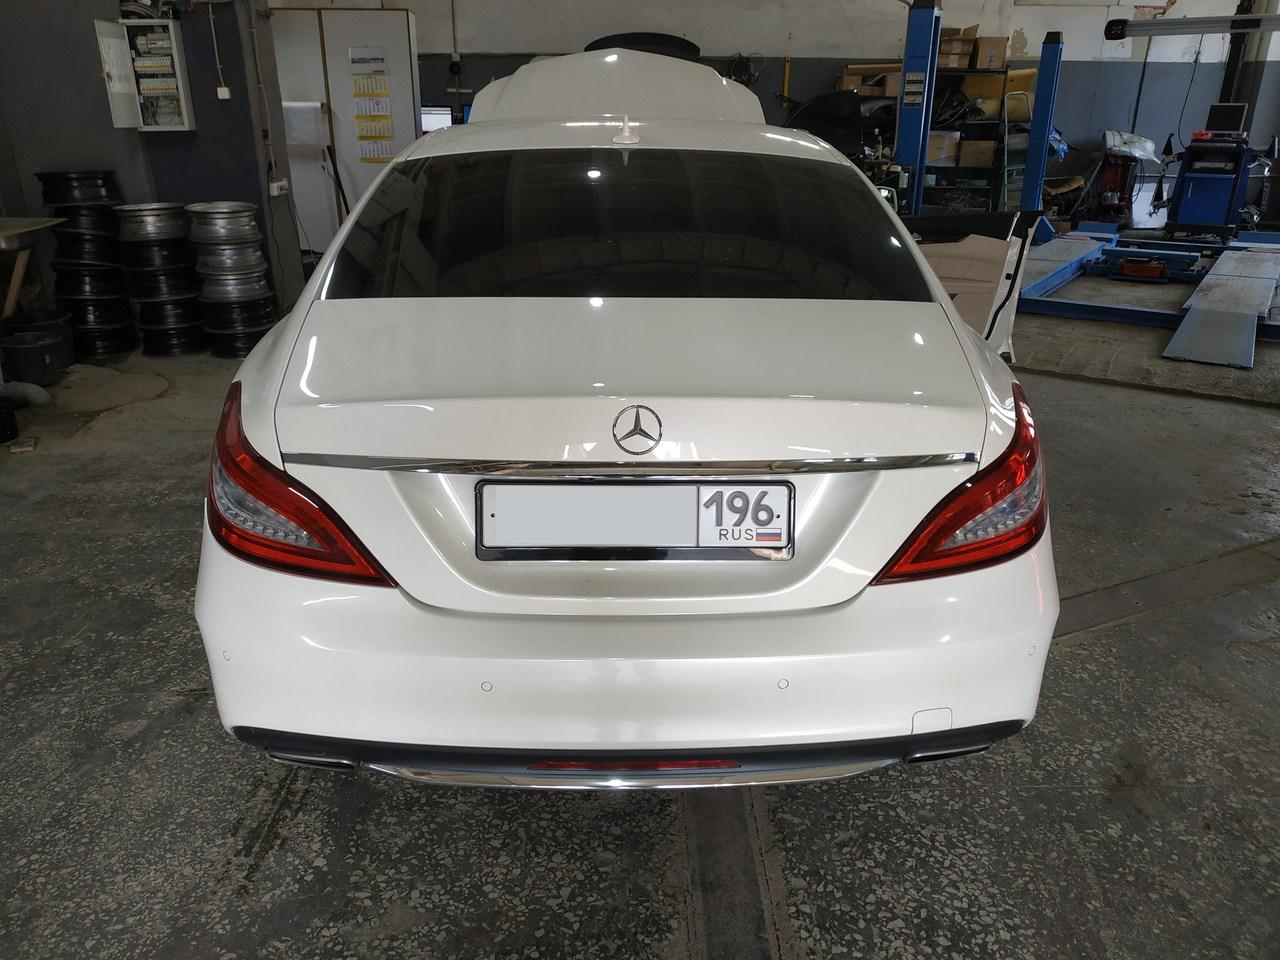 Mercedes  СLS 350, вид сзади